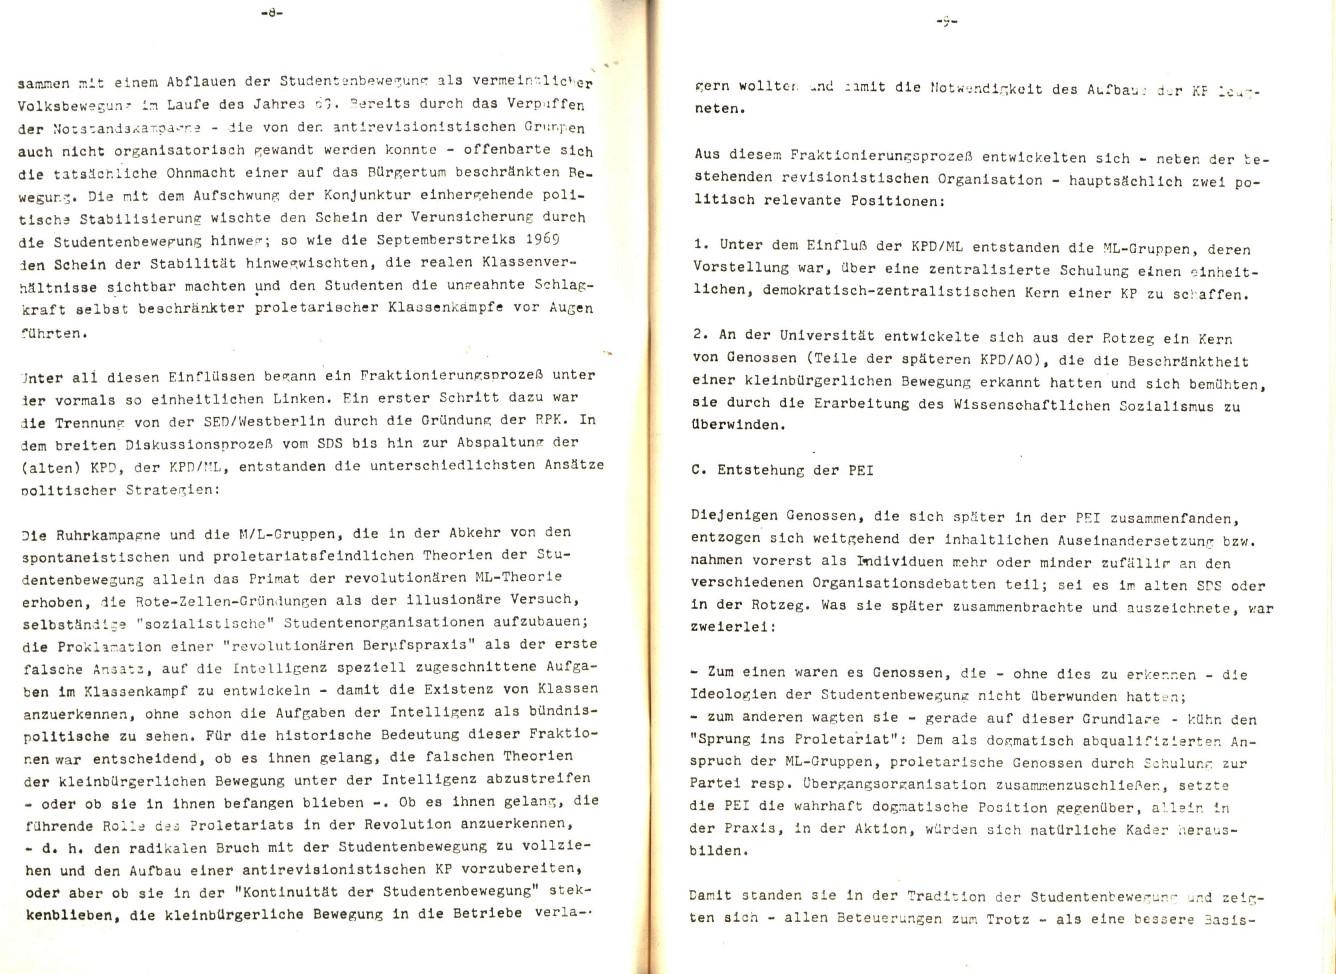 PLPI_1971_Aufloesung_07